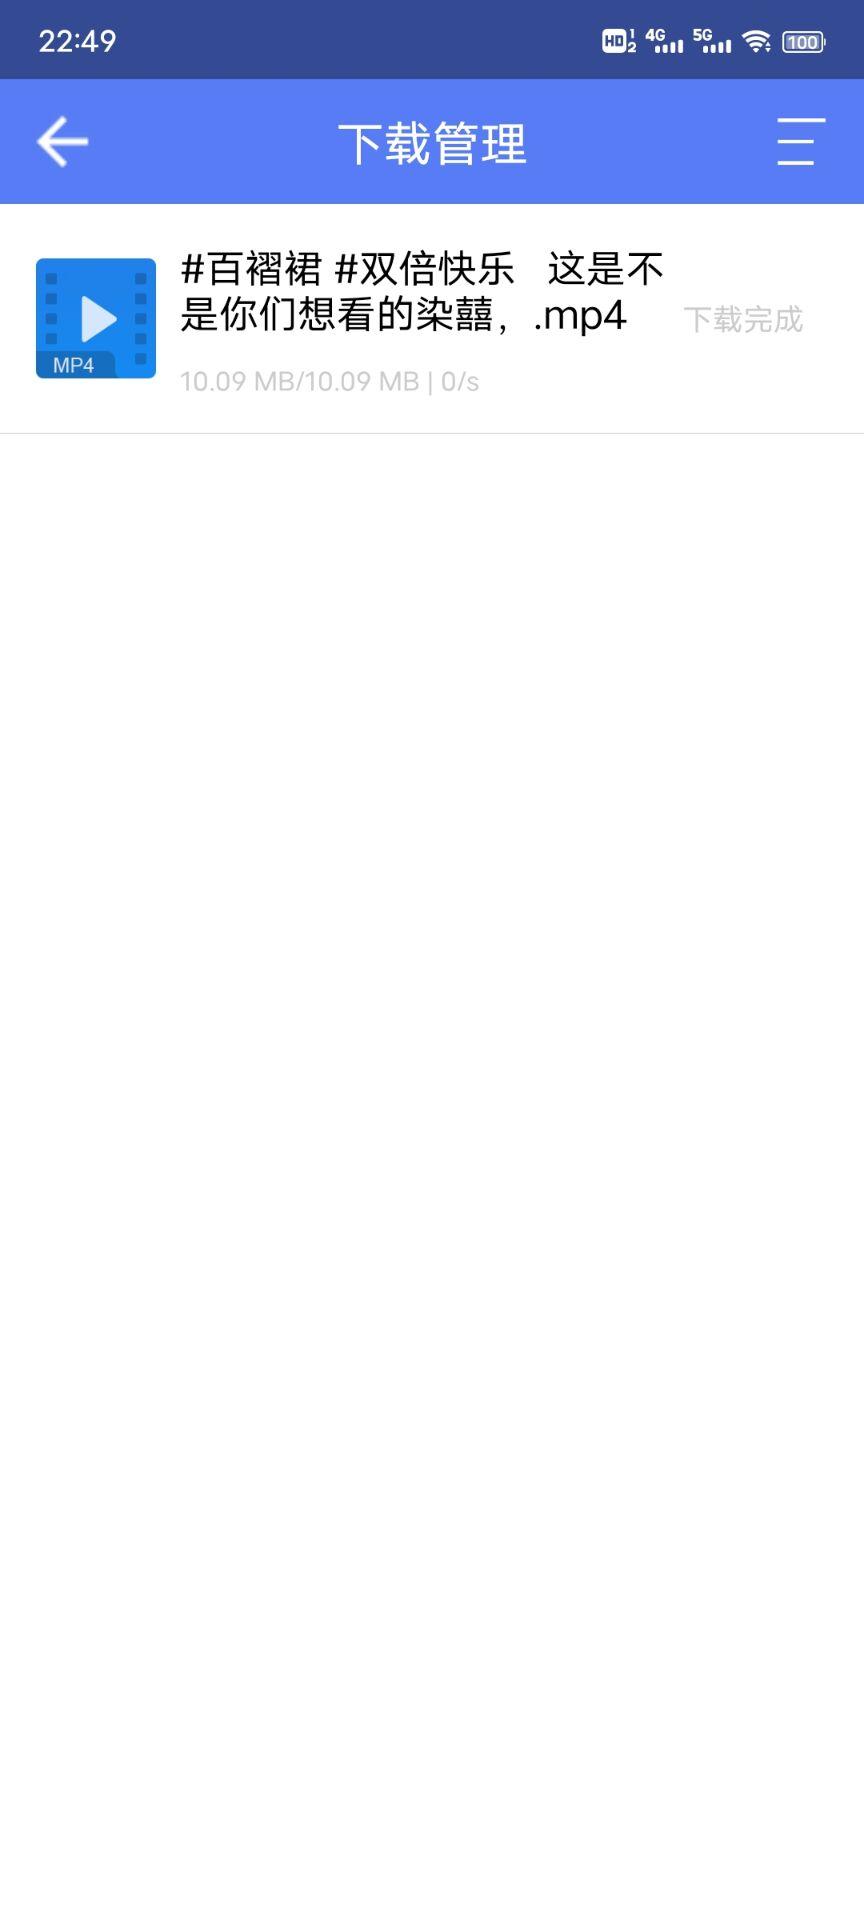 袋鼠下载-全网50多个平台无水印解析,网页视频嗅探